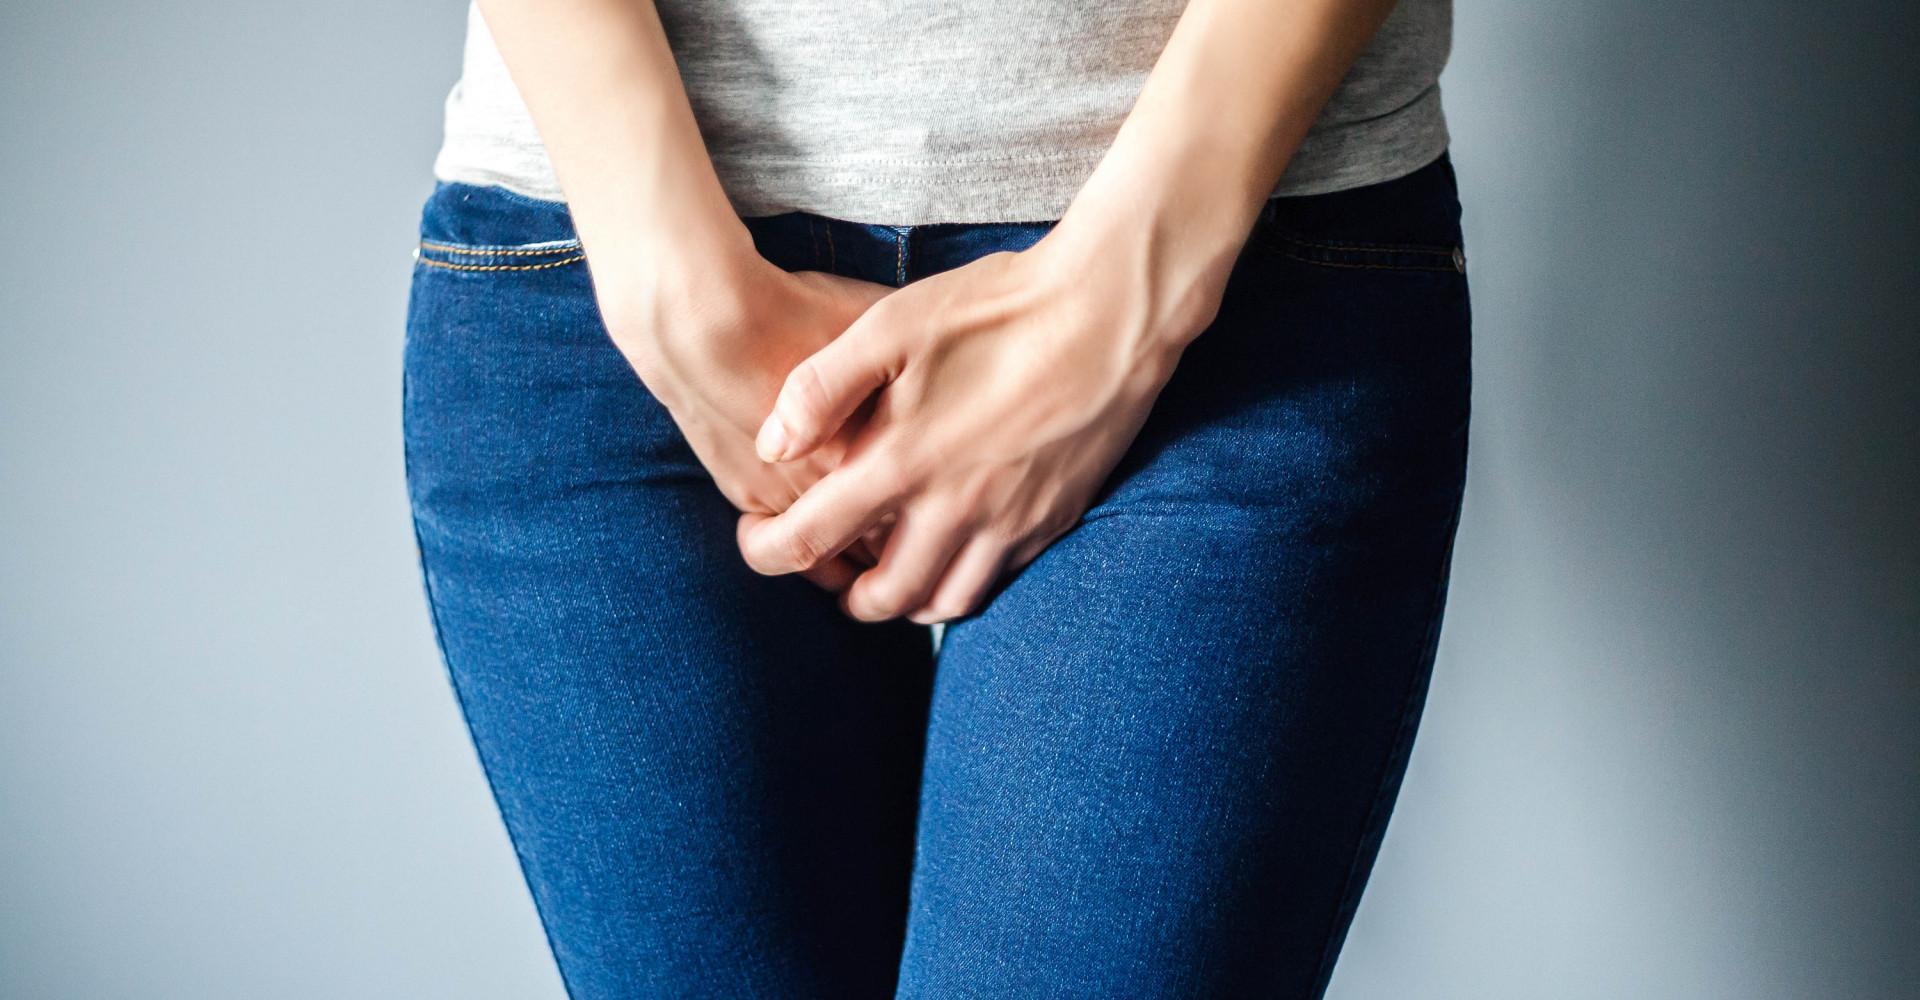 Hoe herken je een sperma-allergie?